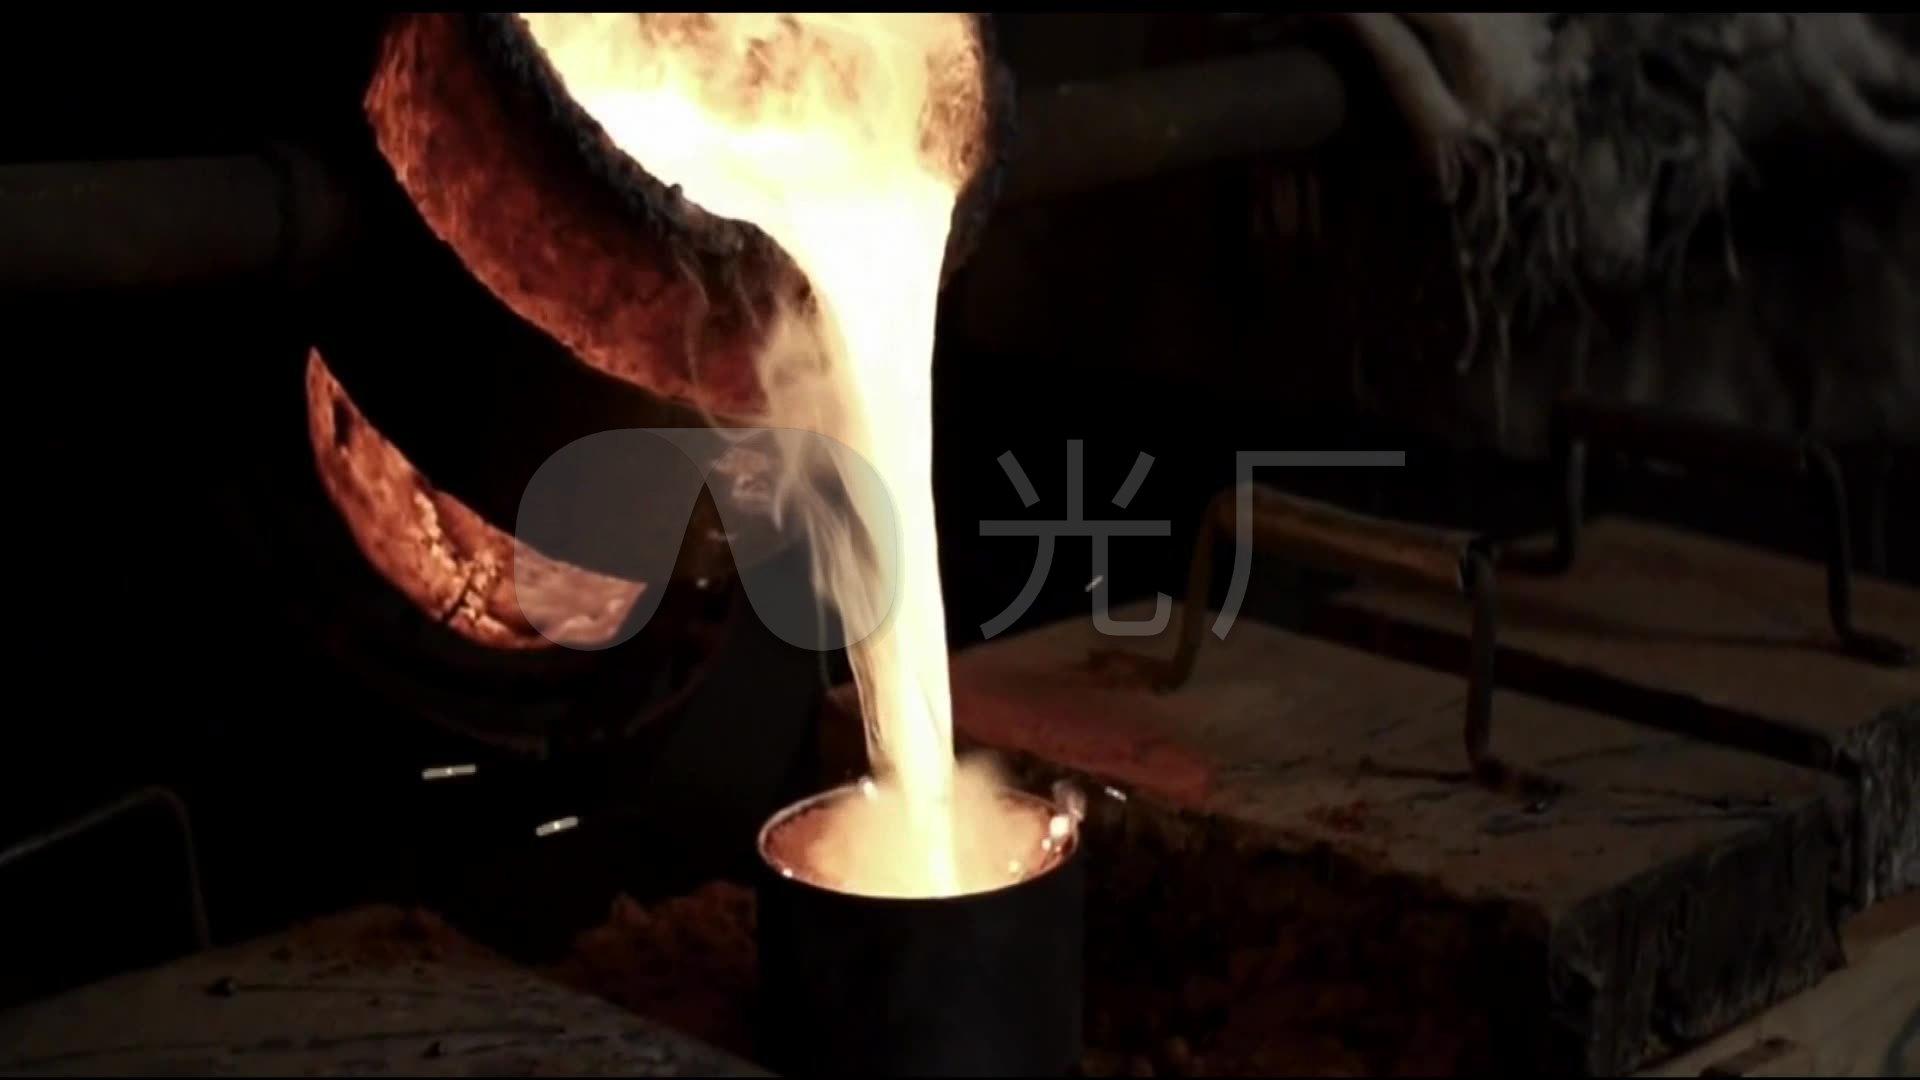 古代工艺工资锻造青铜技术剑冶炼_1920X108手把手教您批量发送工业电子条图片